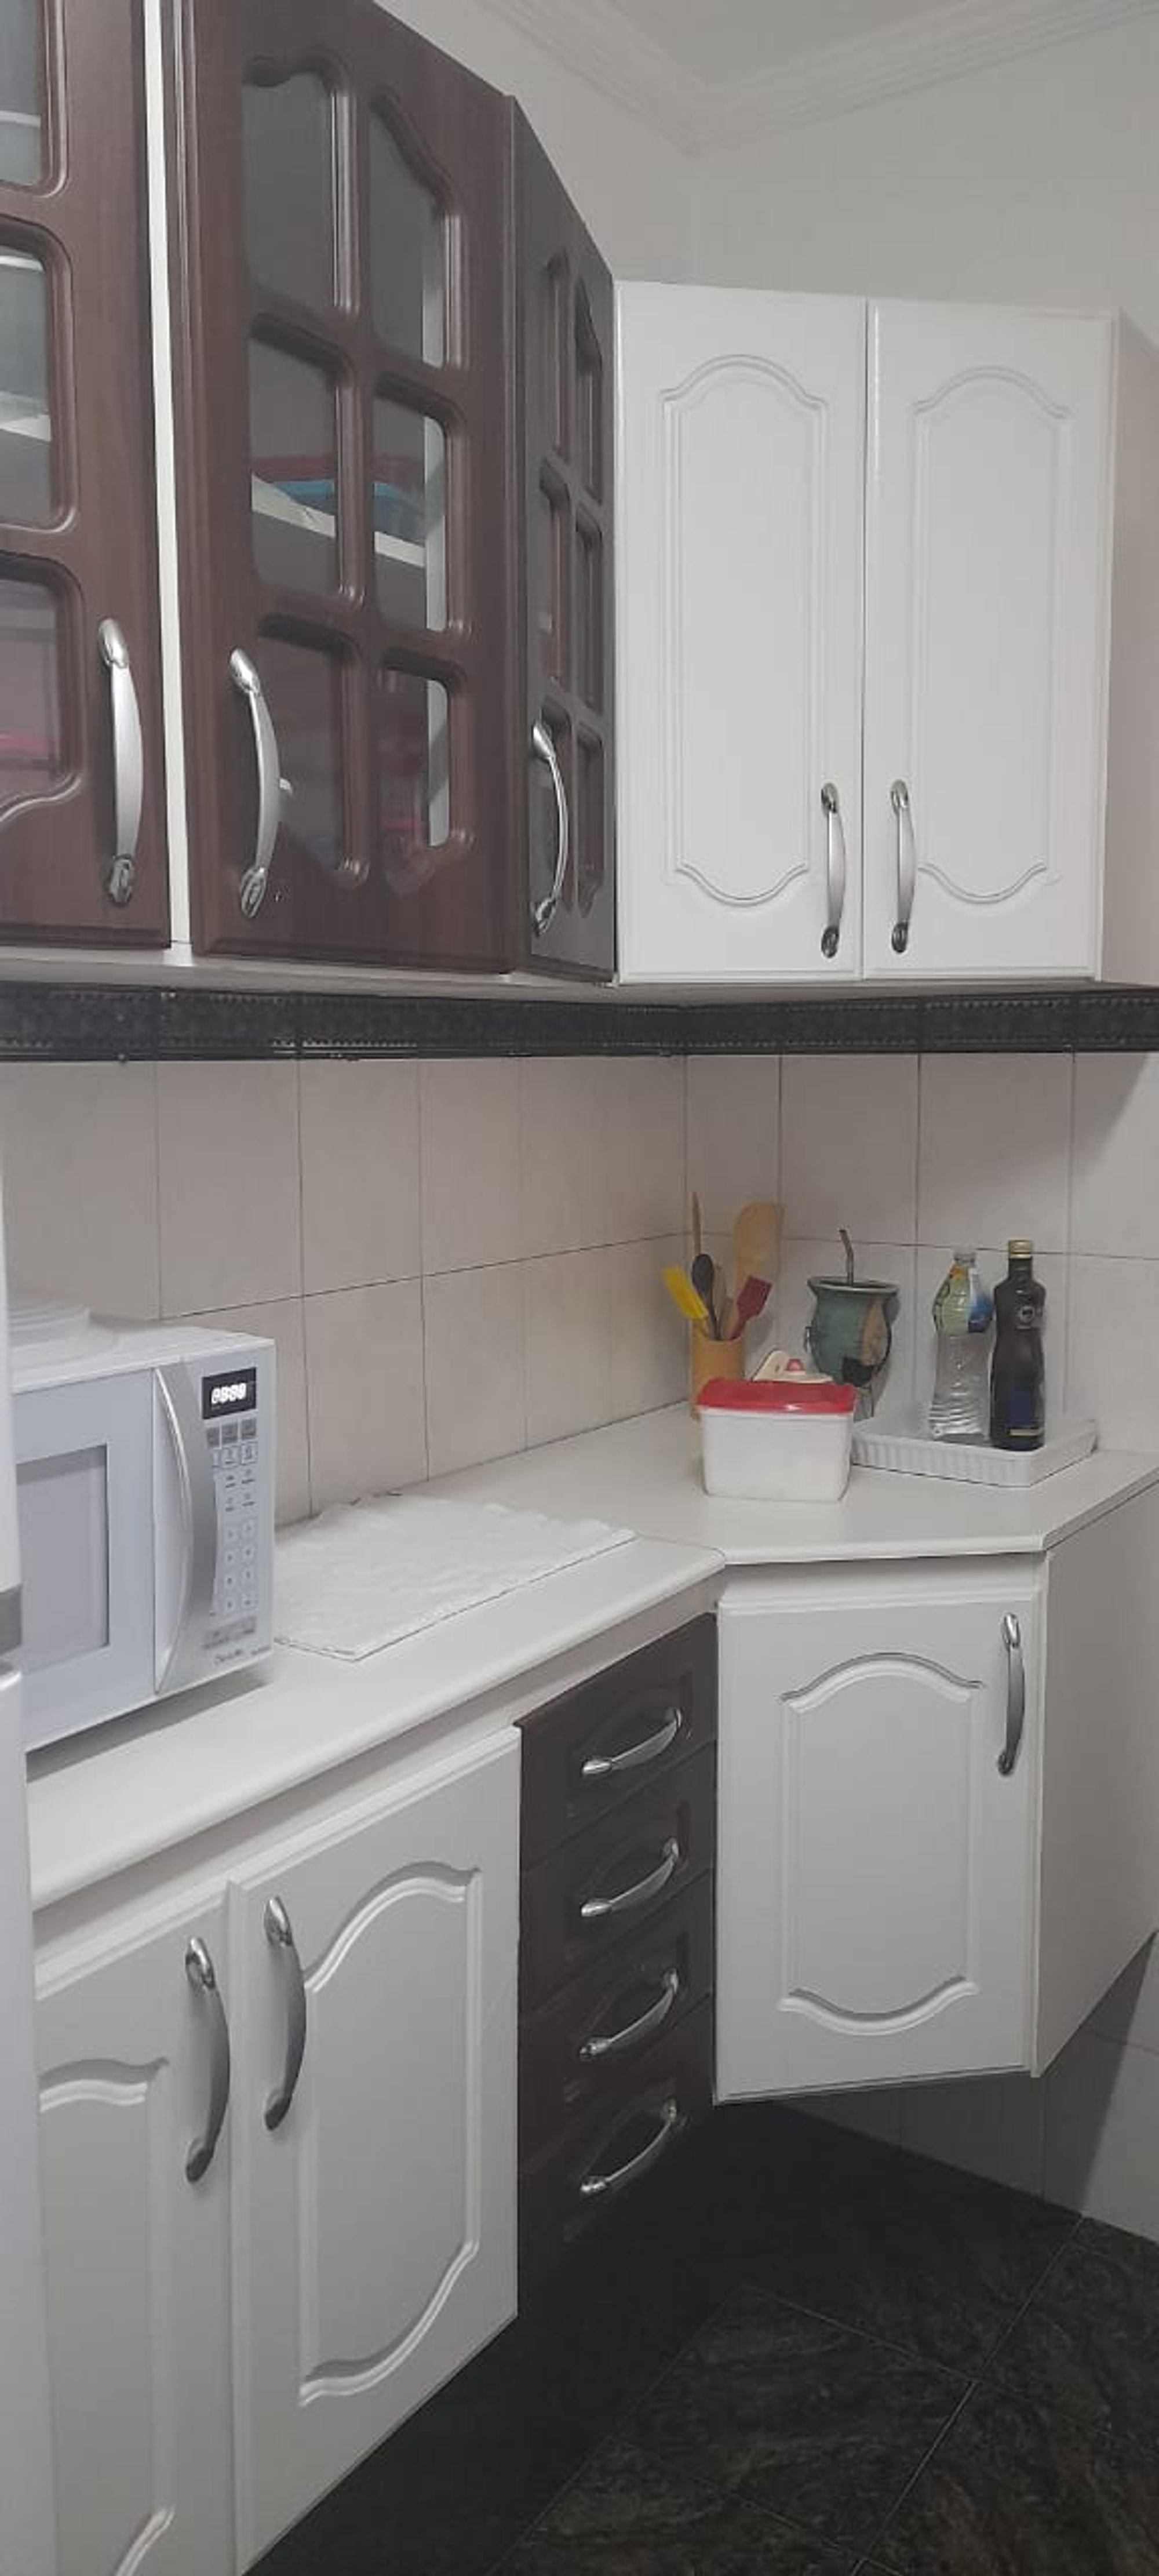 Foto de Cozinha com microondas, garrafa